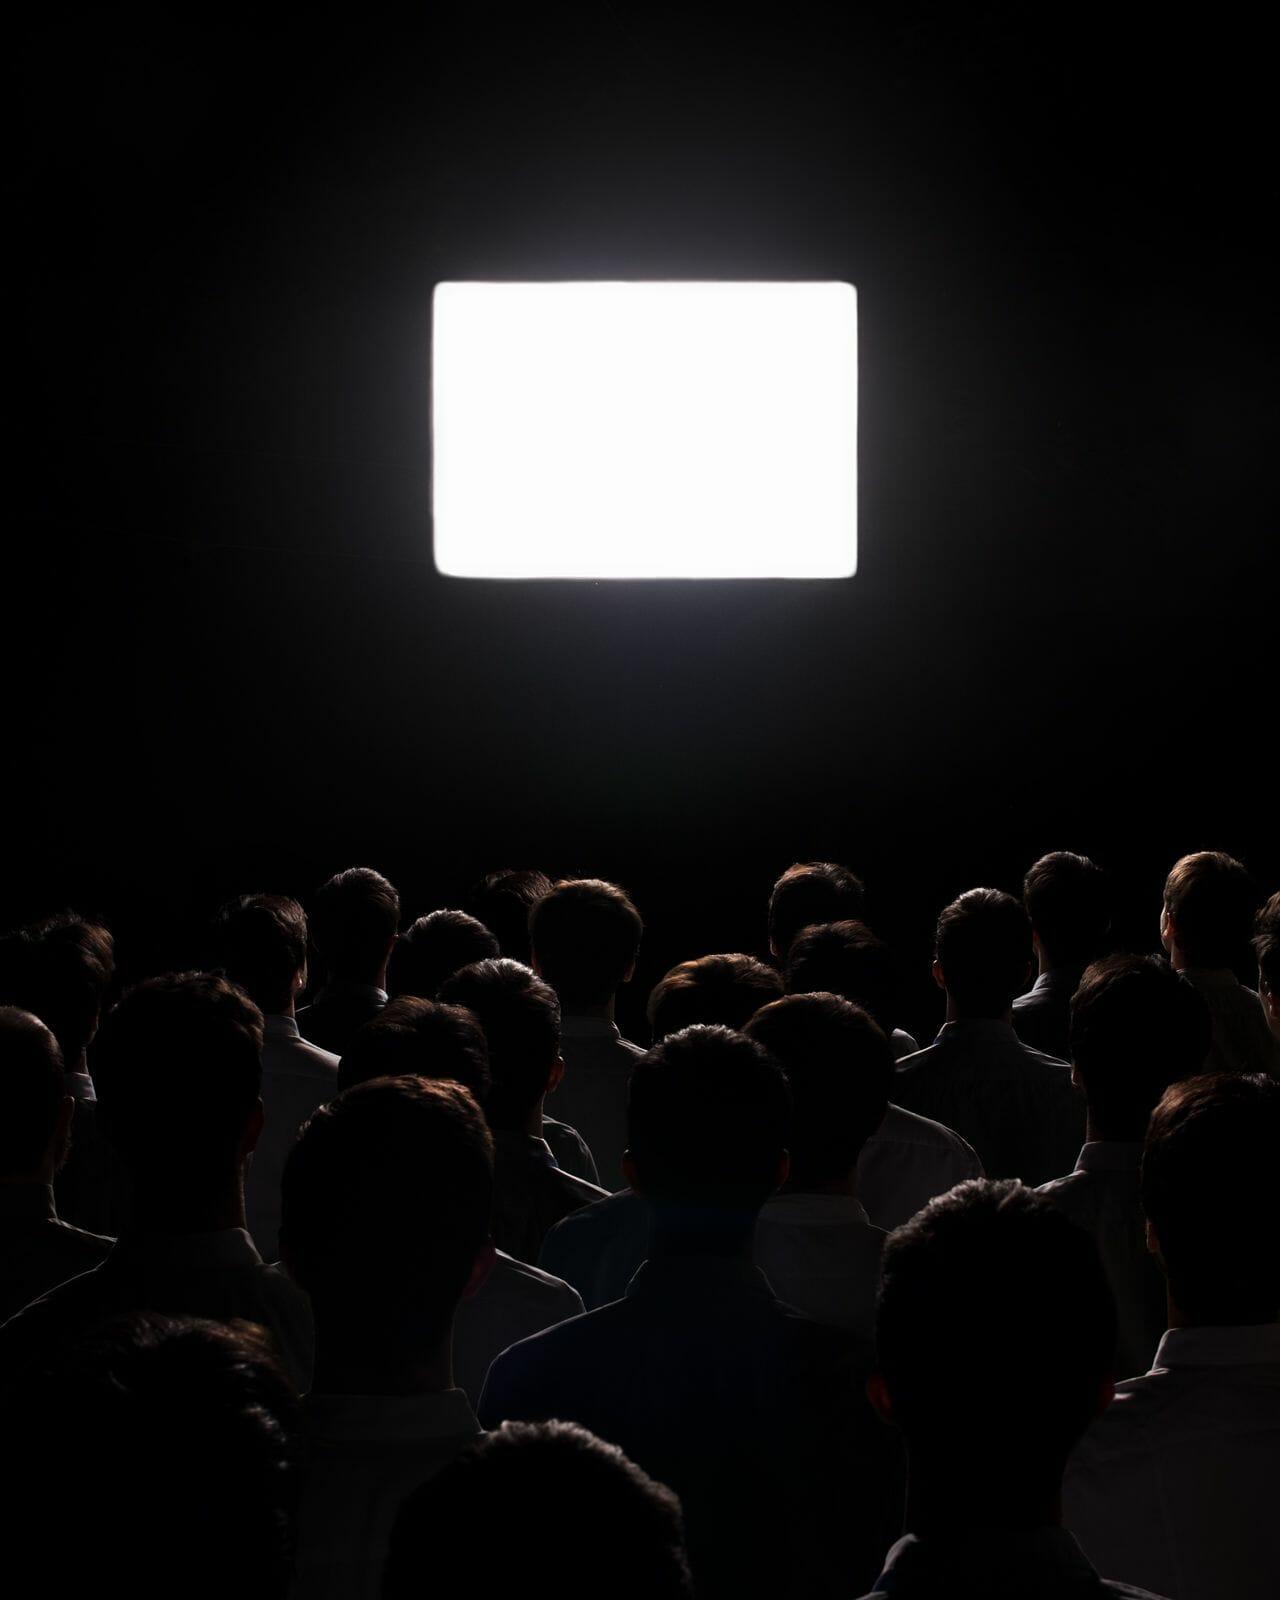 Sean Mundy photo de personne devant un écran